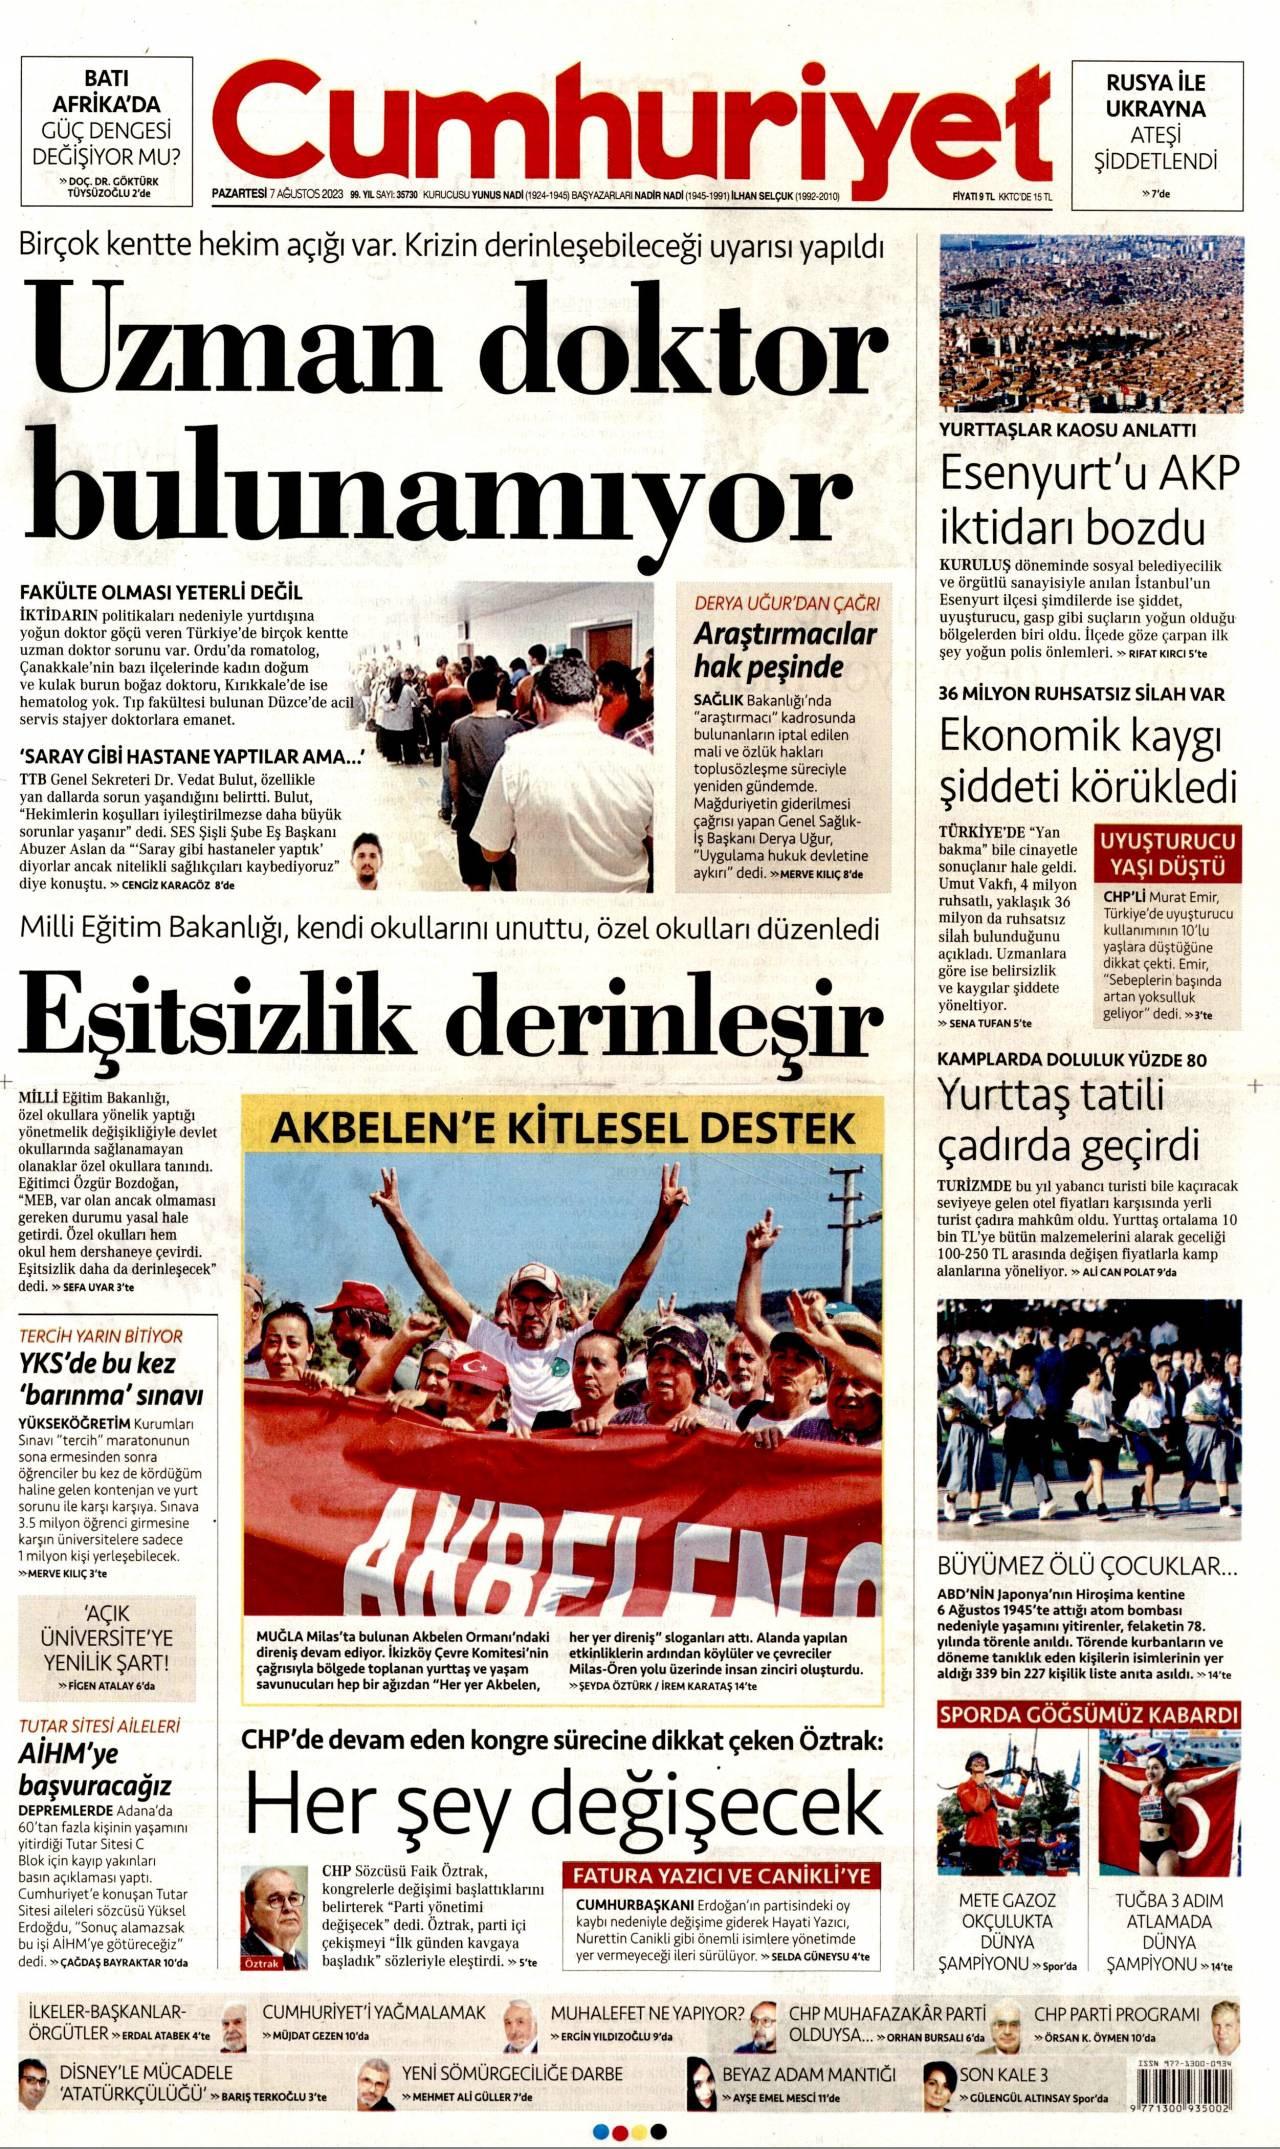 20 Temmuz 2019, Cumartesi cumhuriyet Gazetesi